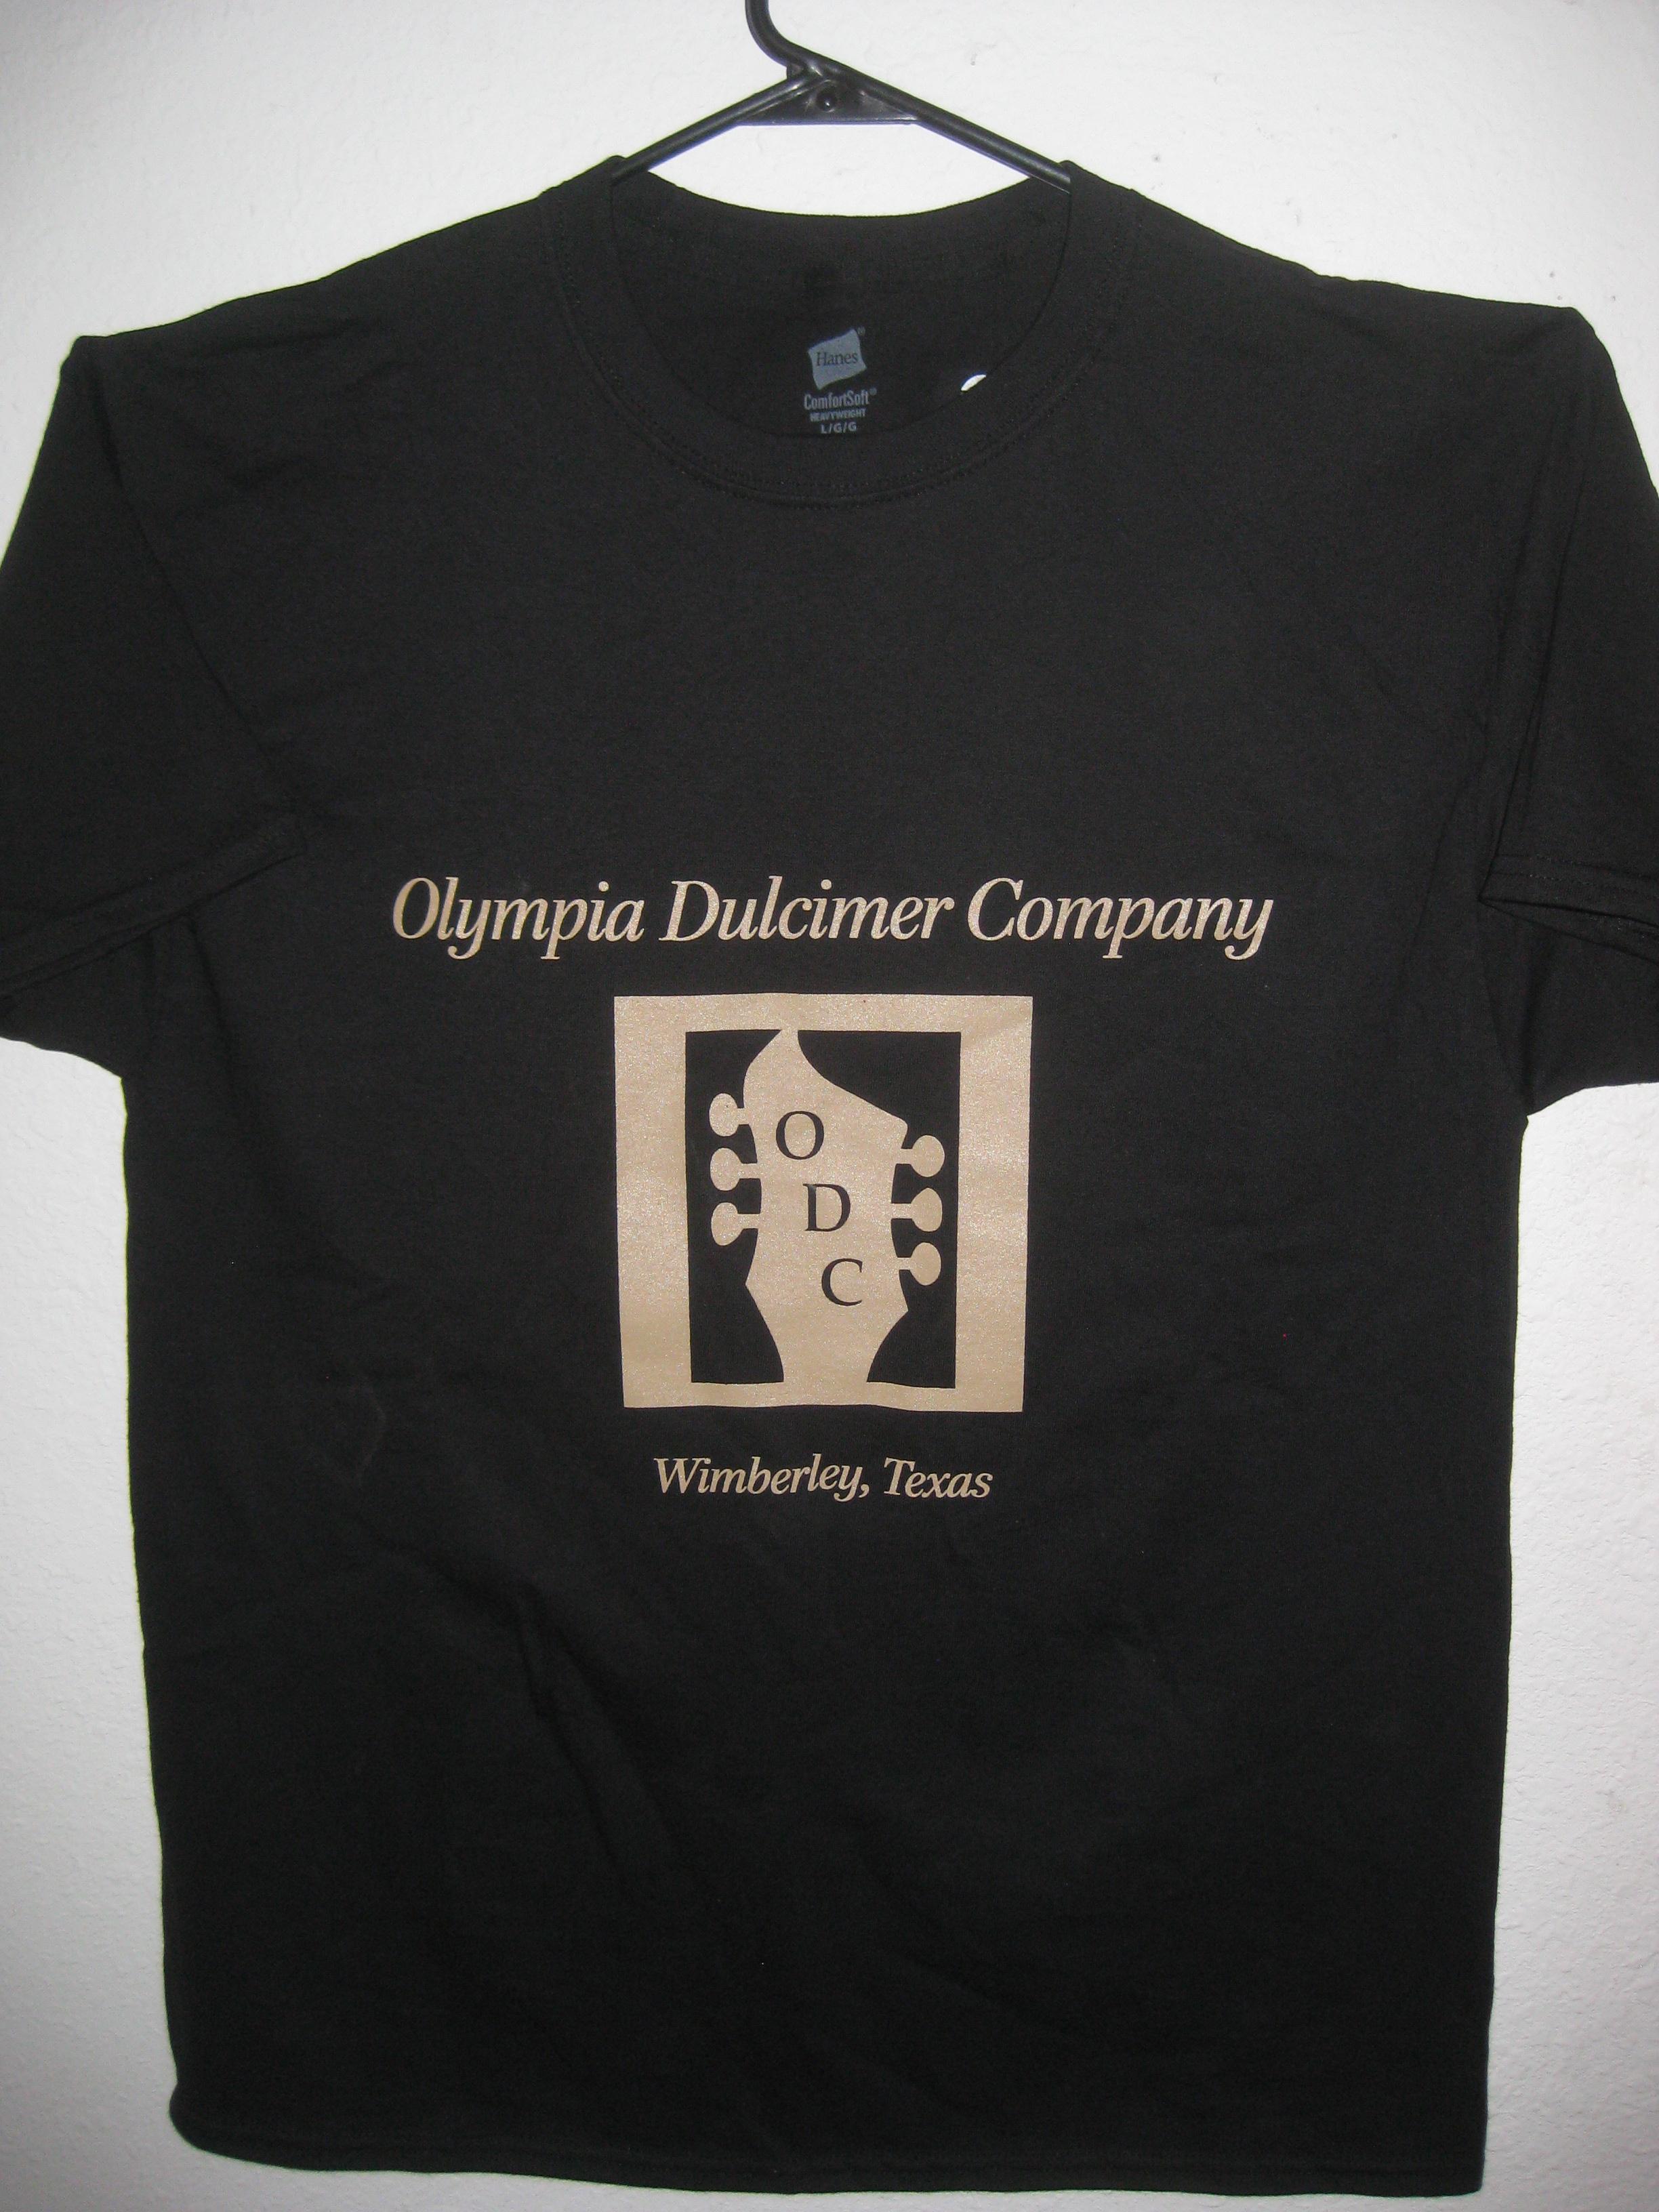 odc tshirt 2